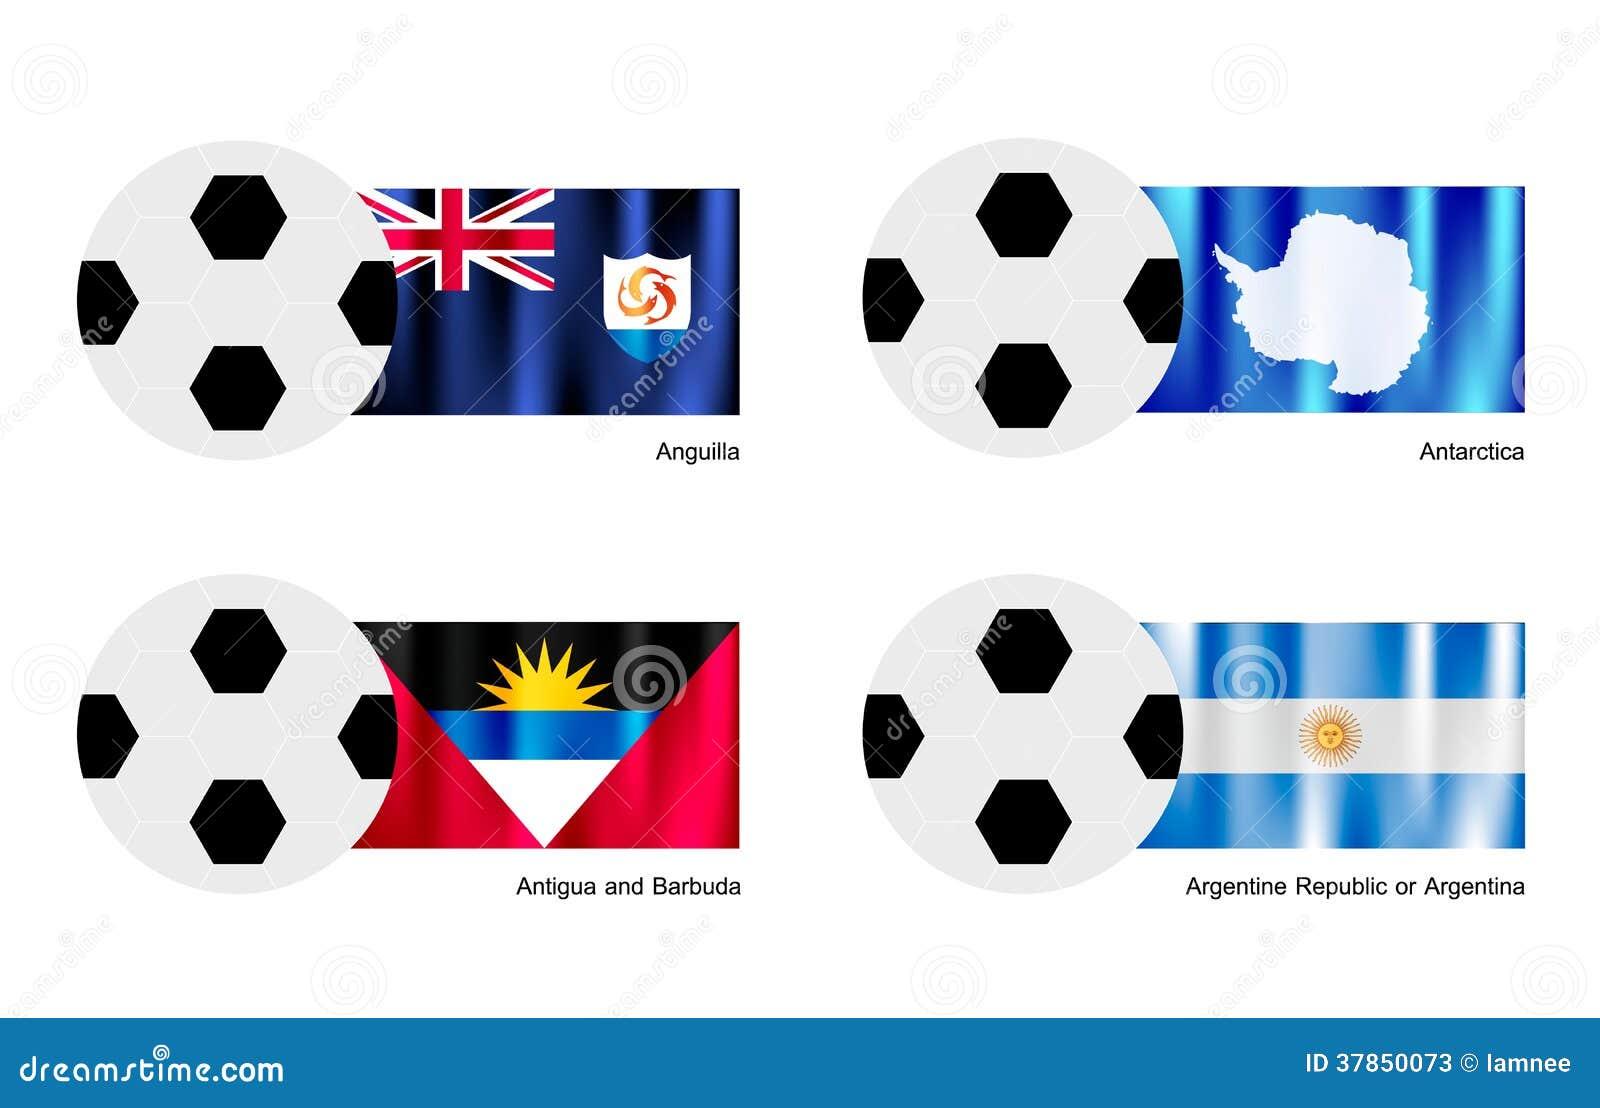 drapeau d anguilla